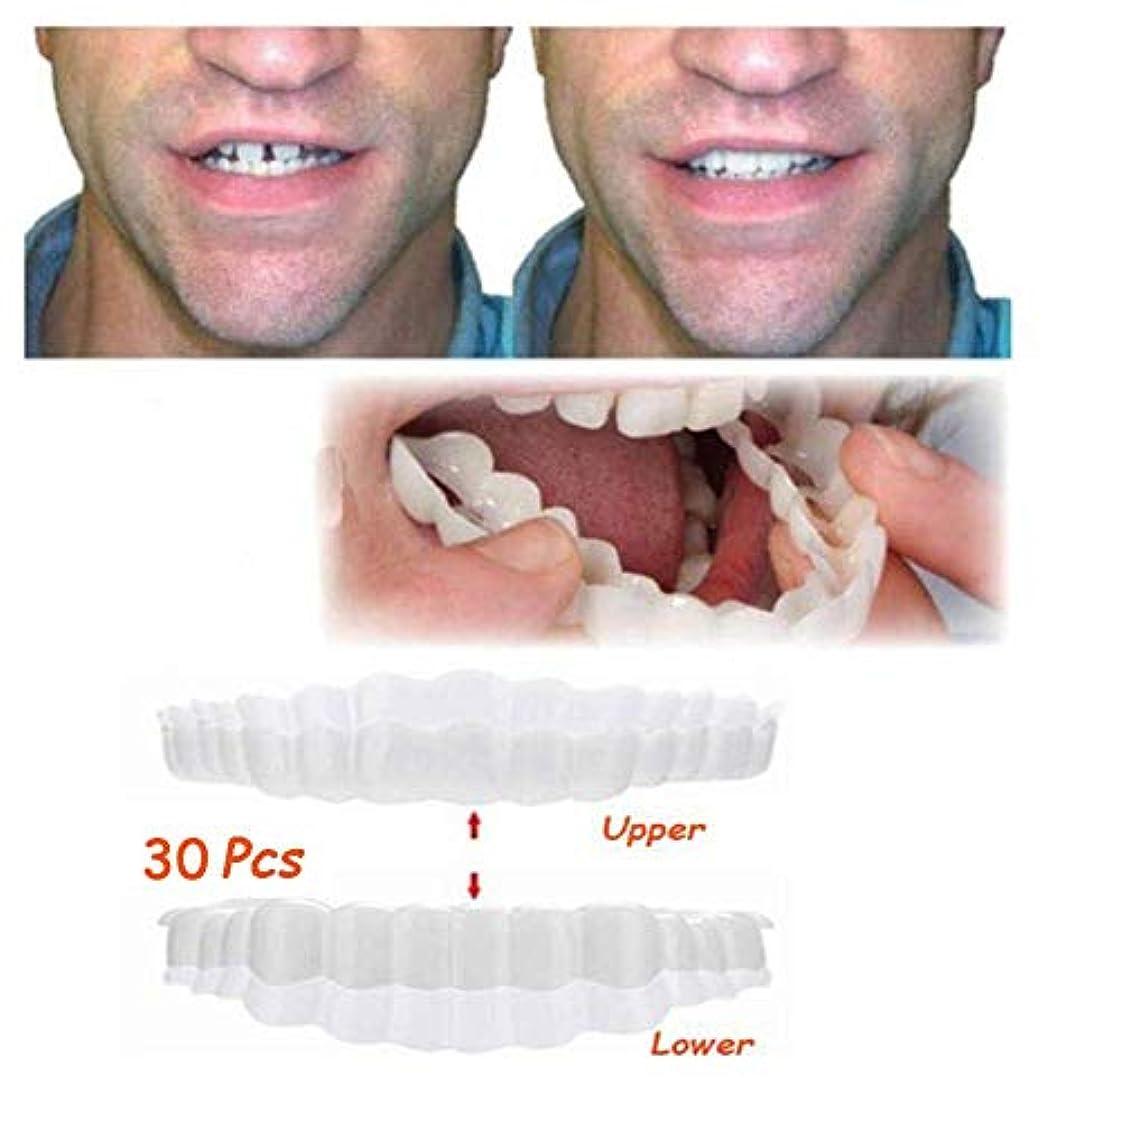 袋試みる描く30ピース笑顔一時的な歯のキット、一時的な化粧品の歯義歯歯の化粧品模擬装具下括弧快適な下突き板